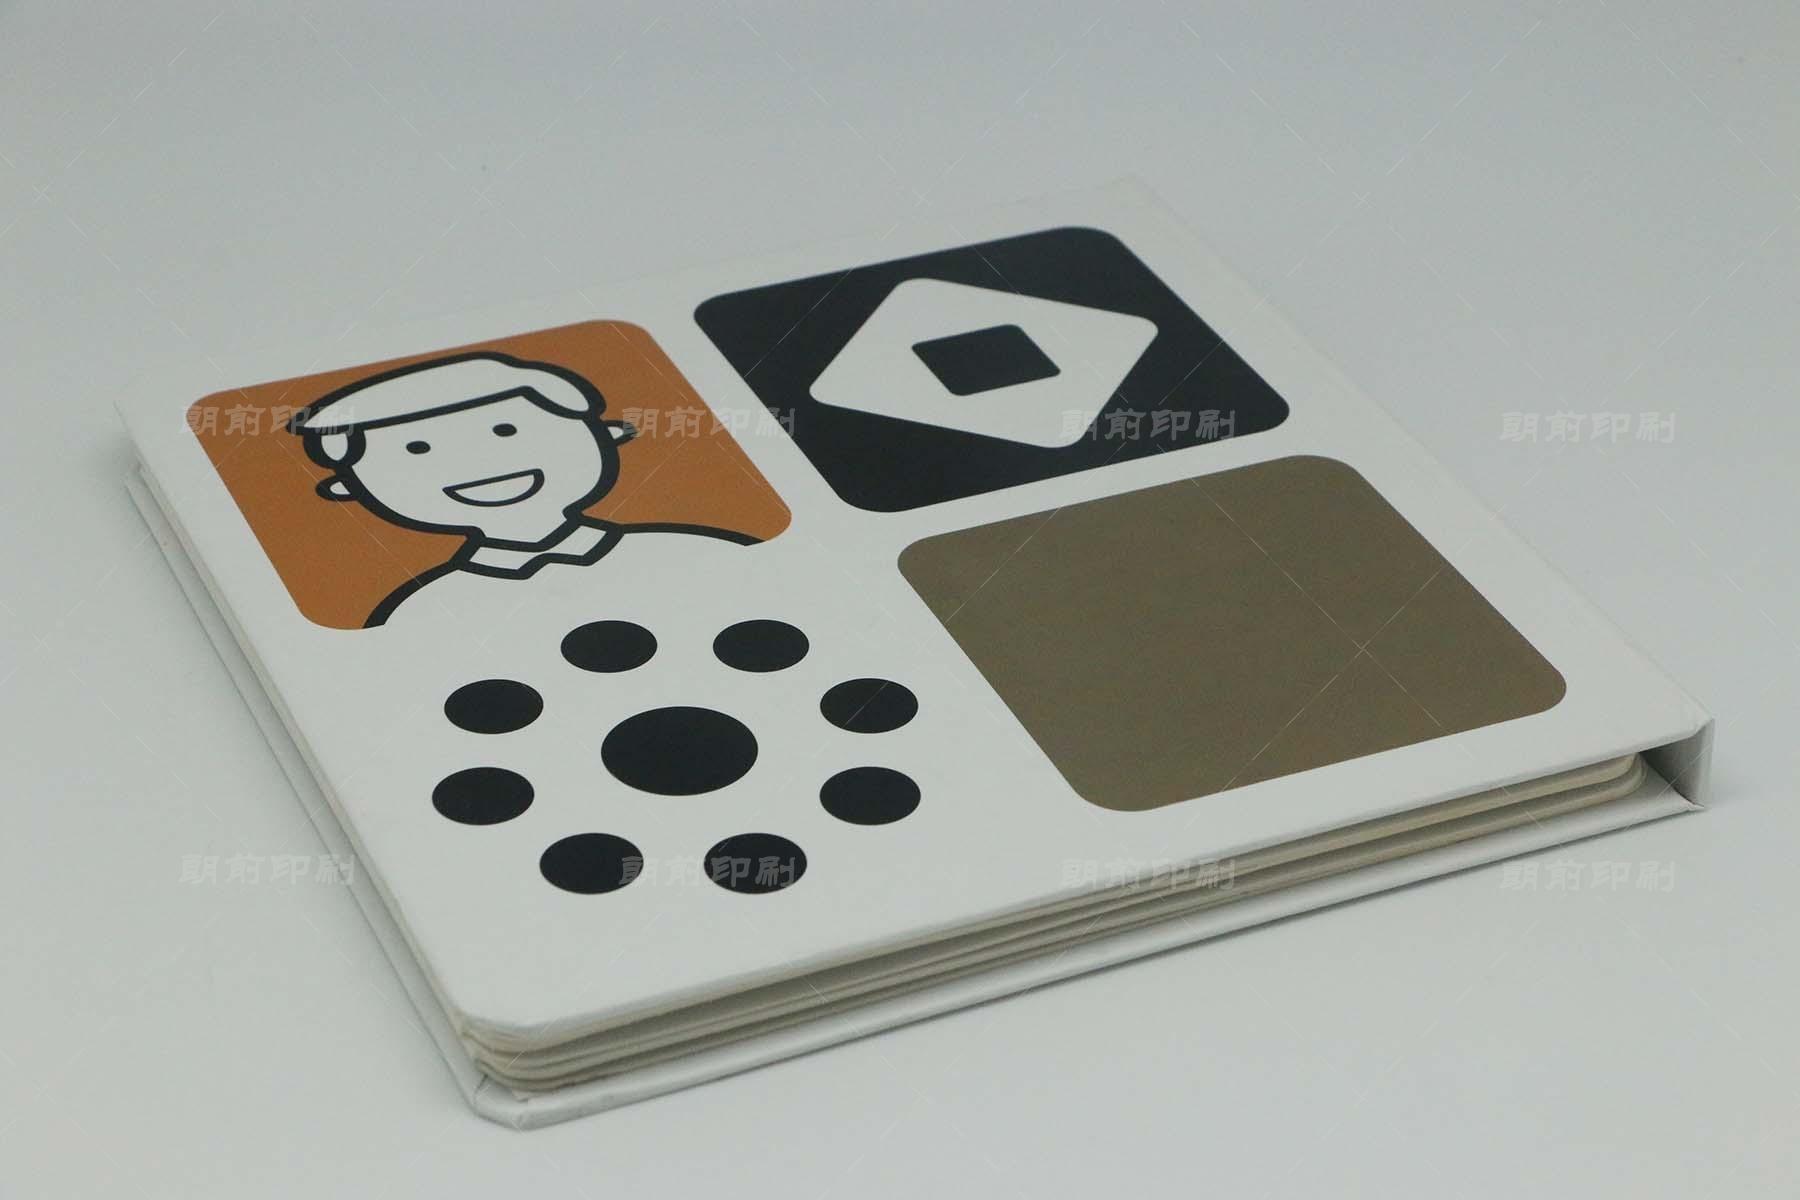 广州印刷二十页画册价格 广州42p的画册怎么印刷